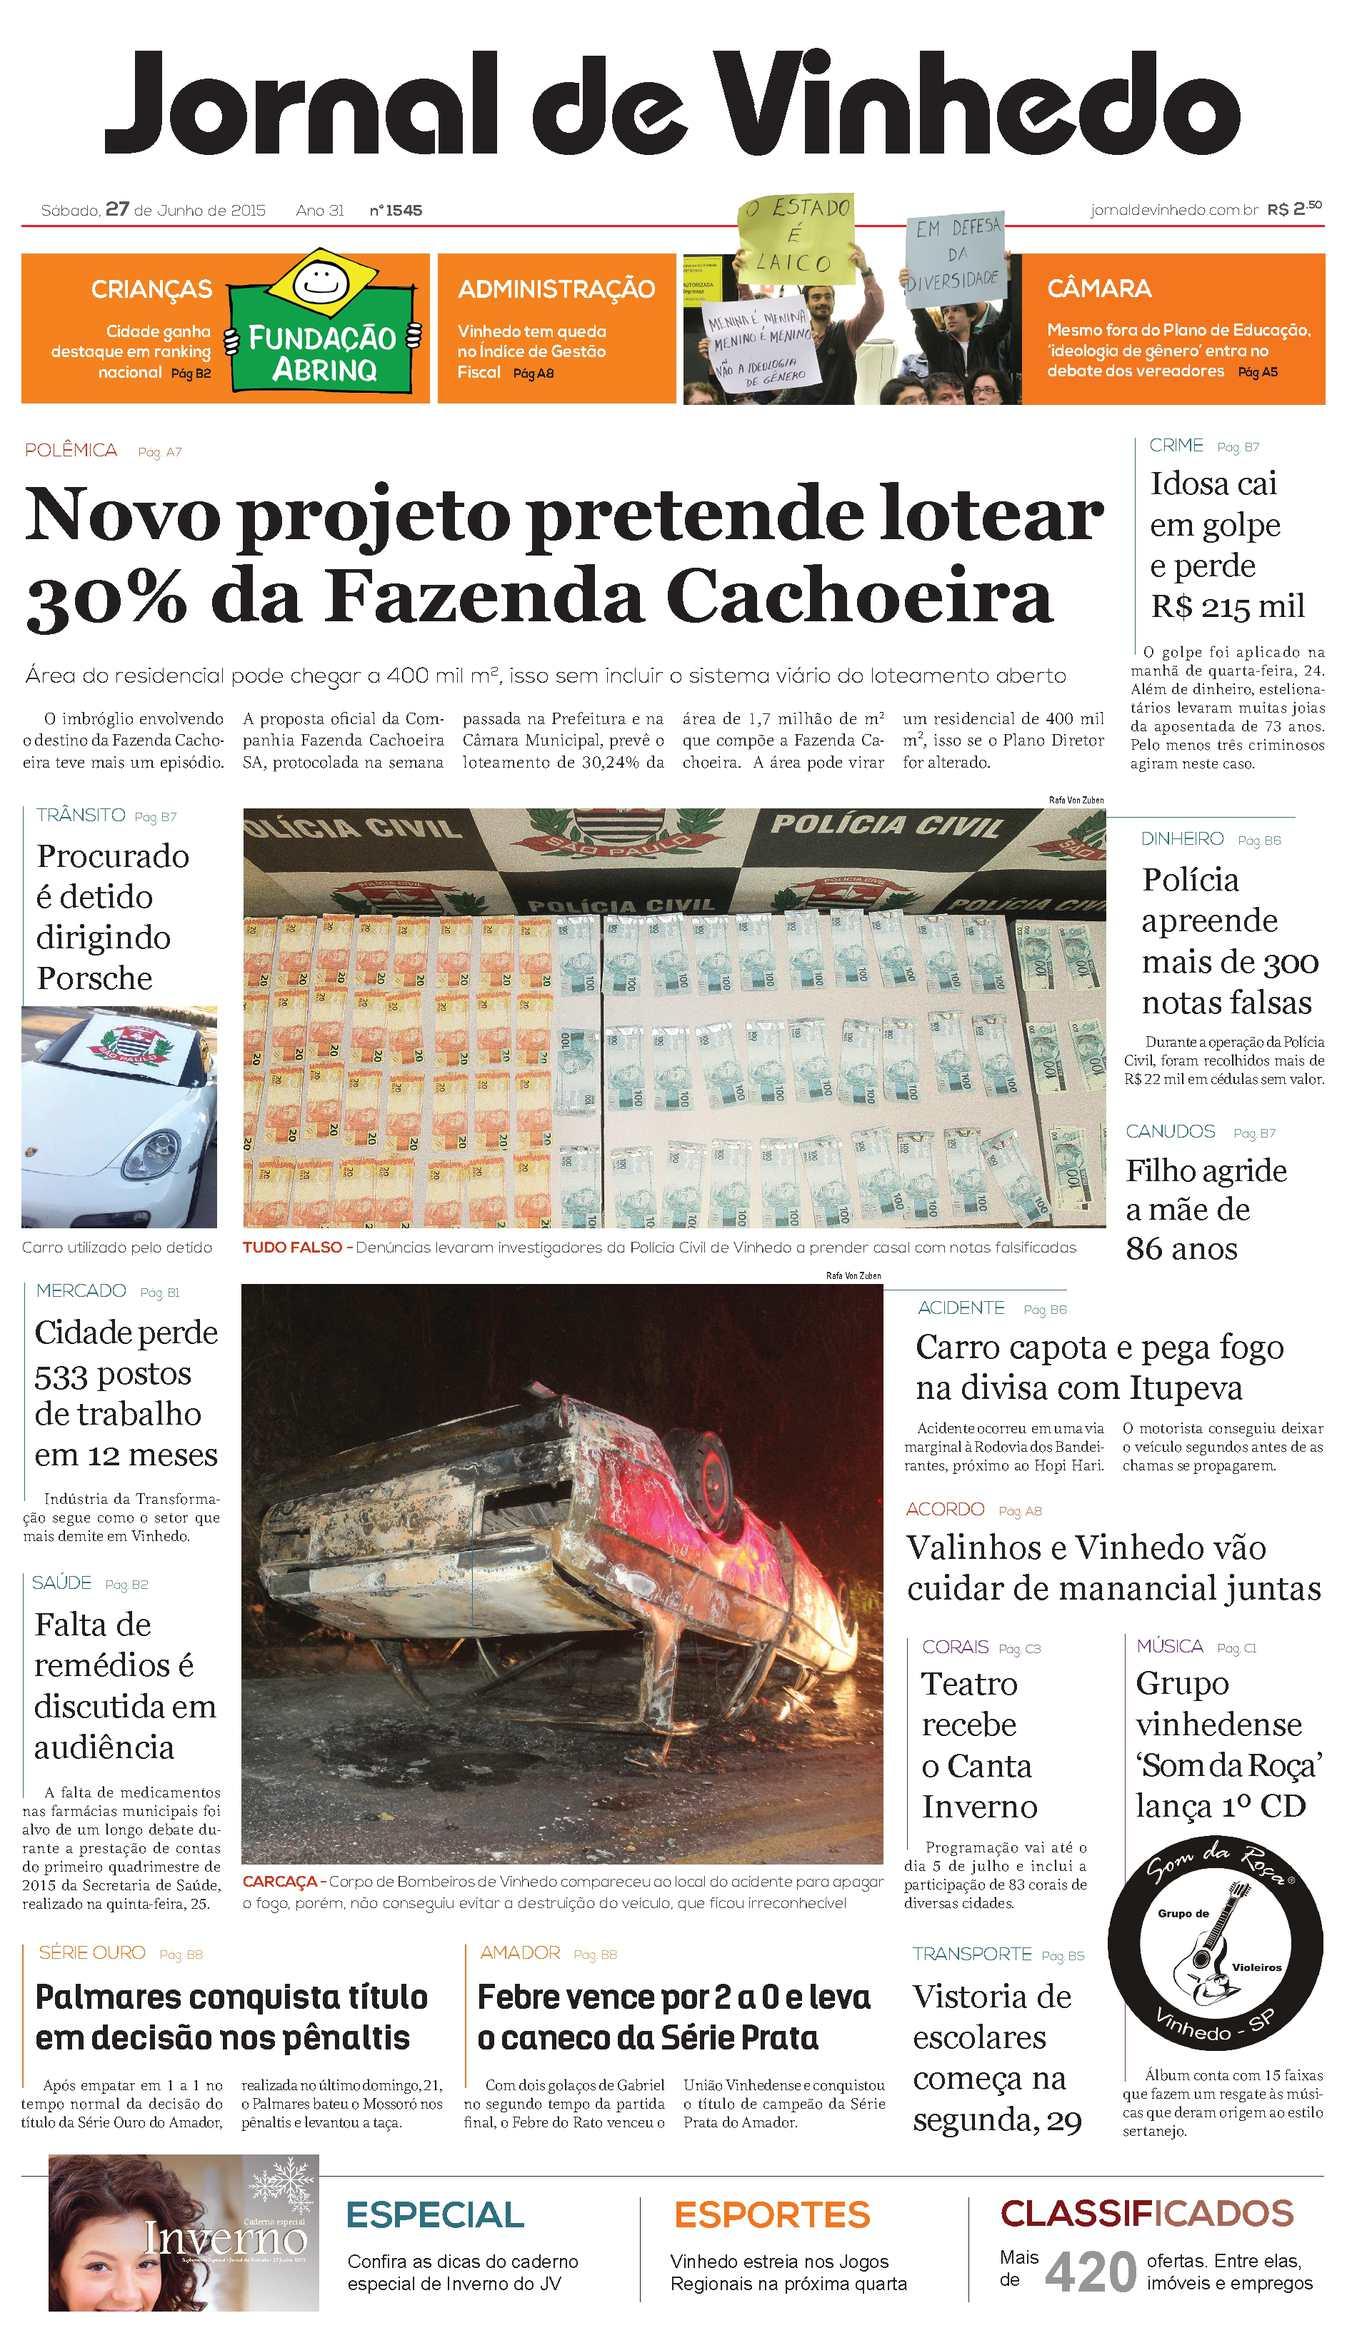 Calaméo - Jornal De Vinhedo Sábado e637e0aeb6a